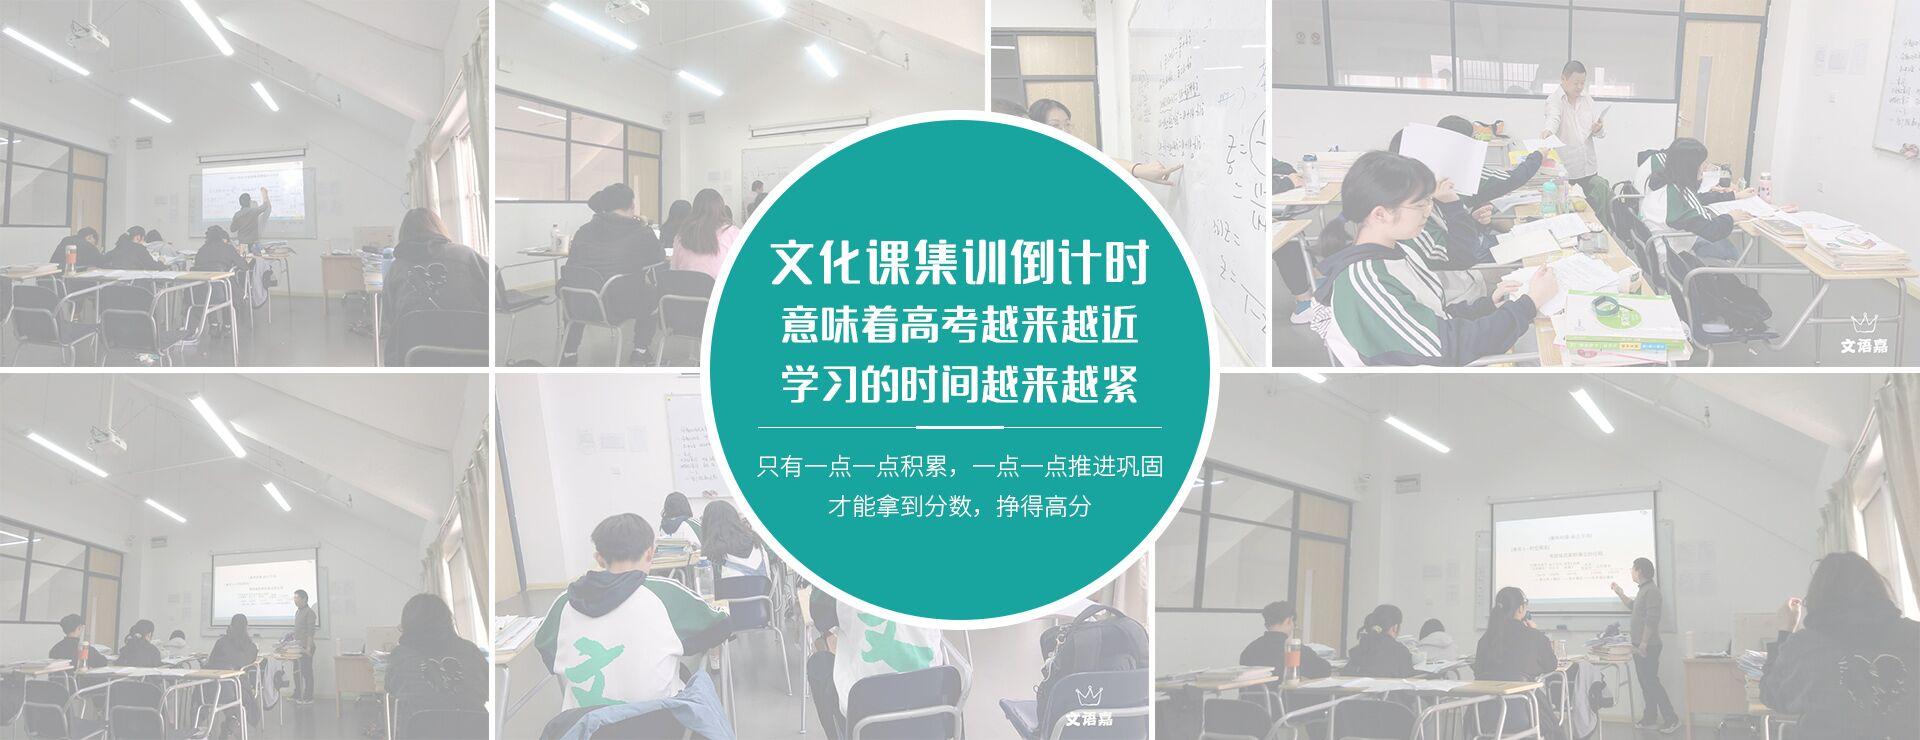 武汉艺考生文化课辅导